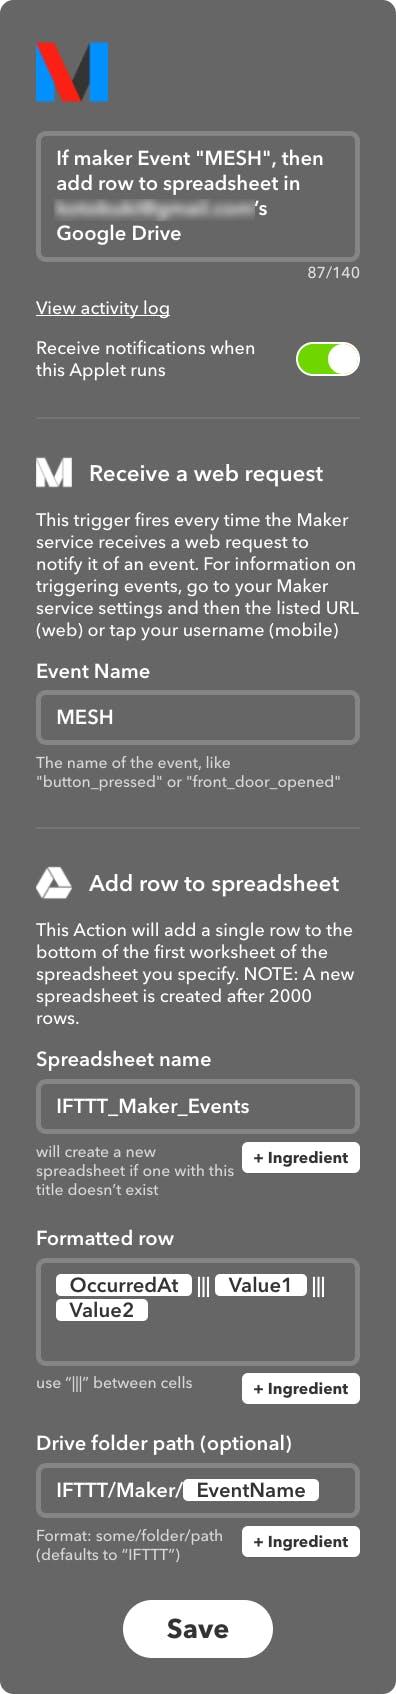 FireShot Capture 114 - If maker Event _MESH_, then add row t_ - https___ifttt.com_applets_51487550.png